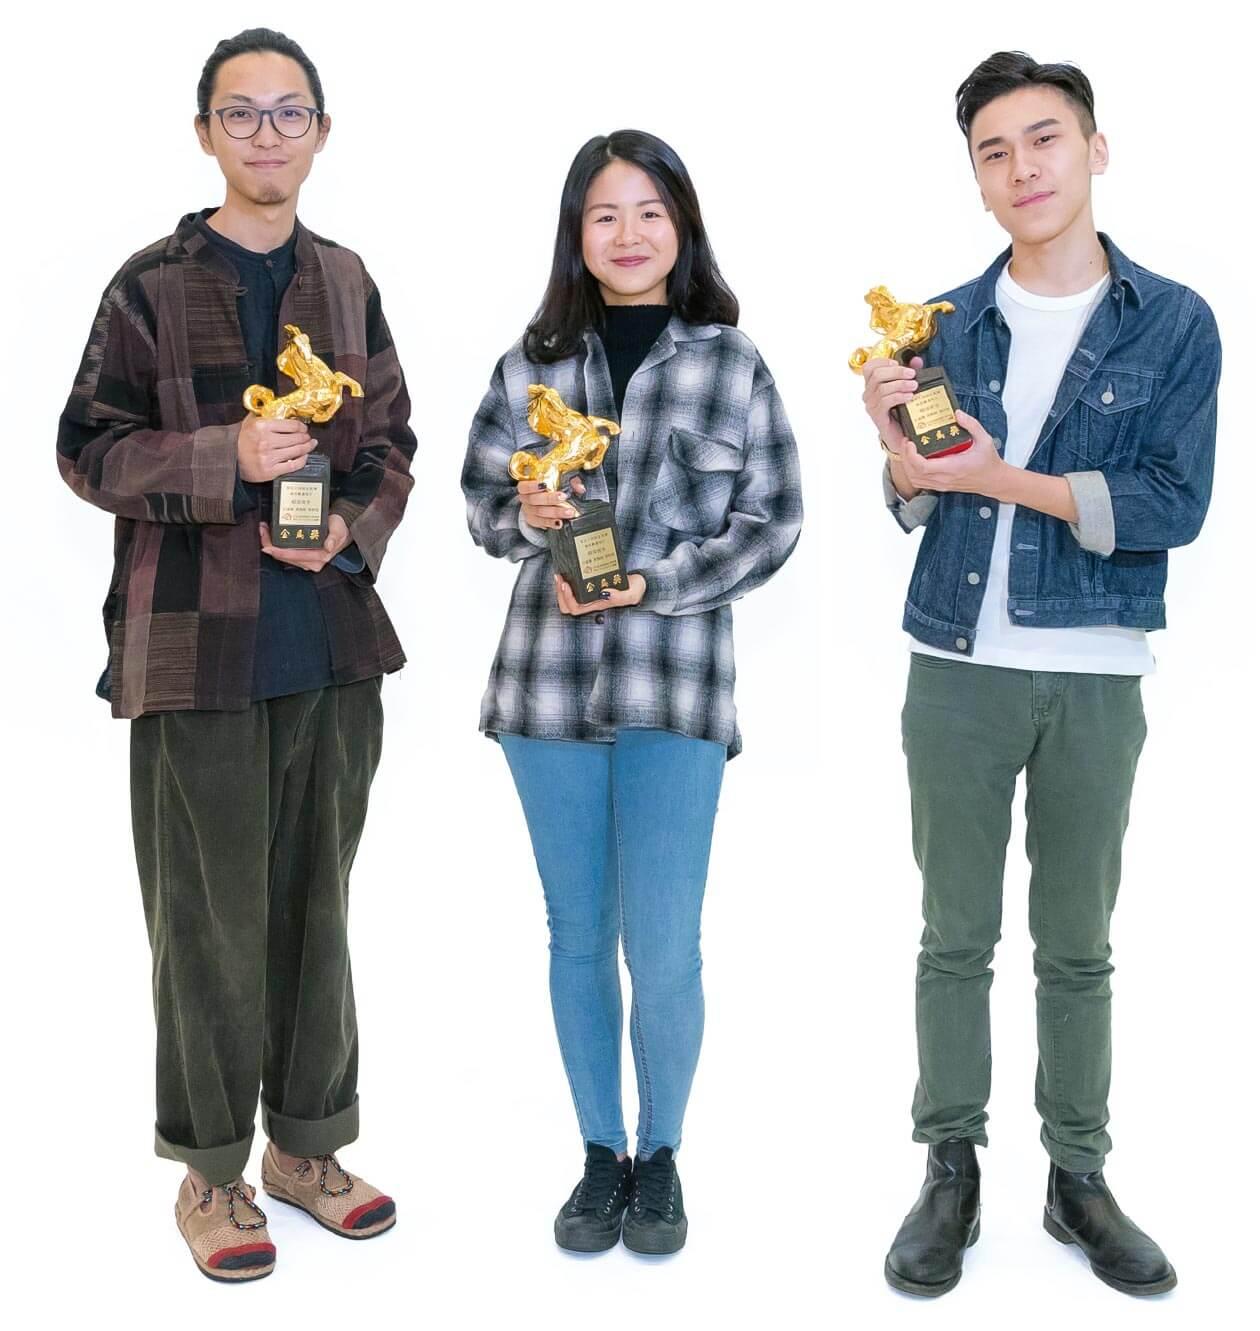 動畫及視覺藝術系畢業生石家俊、黃俊朗、黃梓瑩 的畢業作品 《暗房夜空》 勇奪了金馬獎《最佳動畫短片》